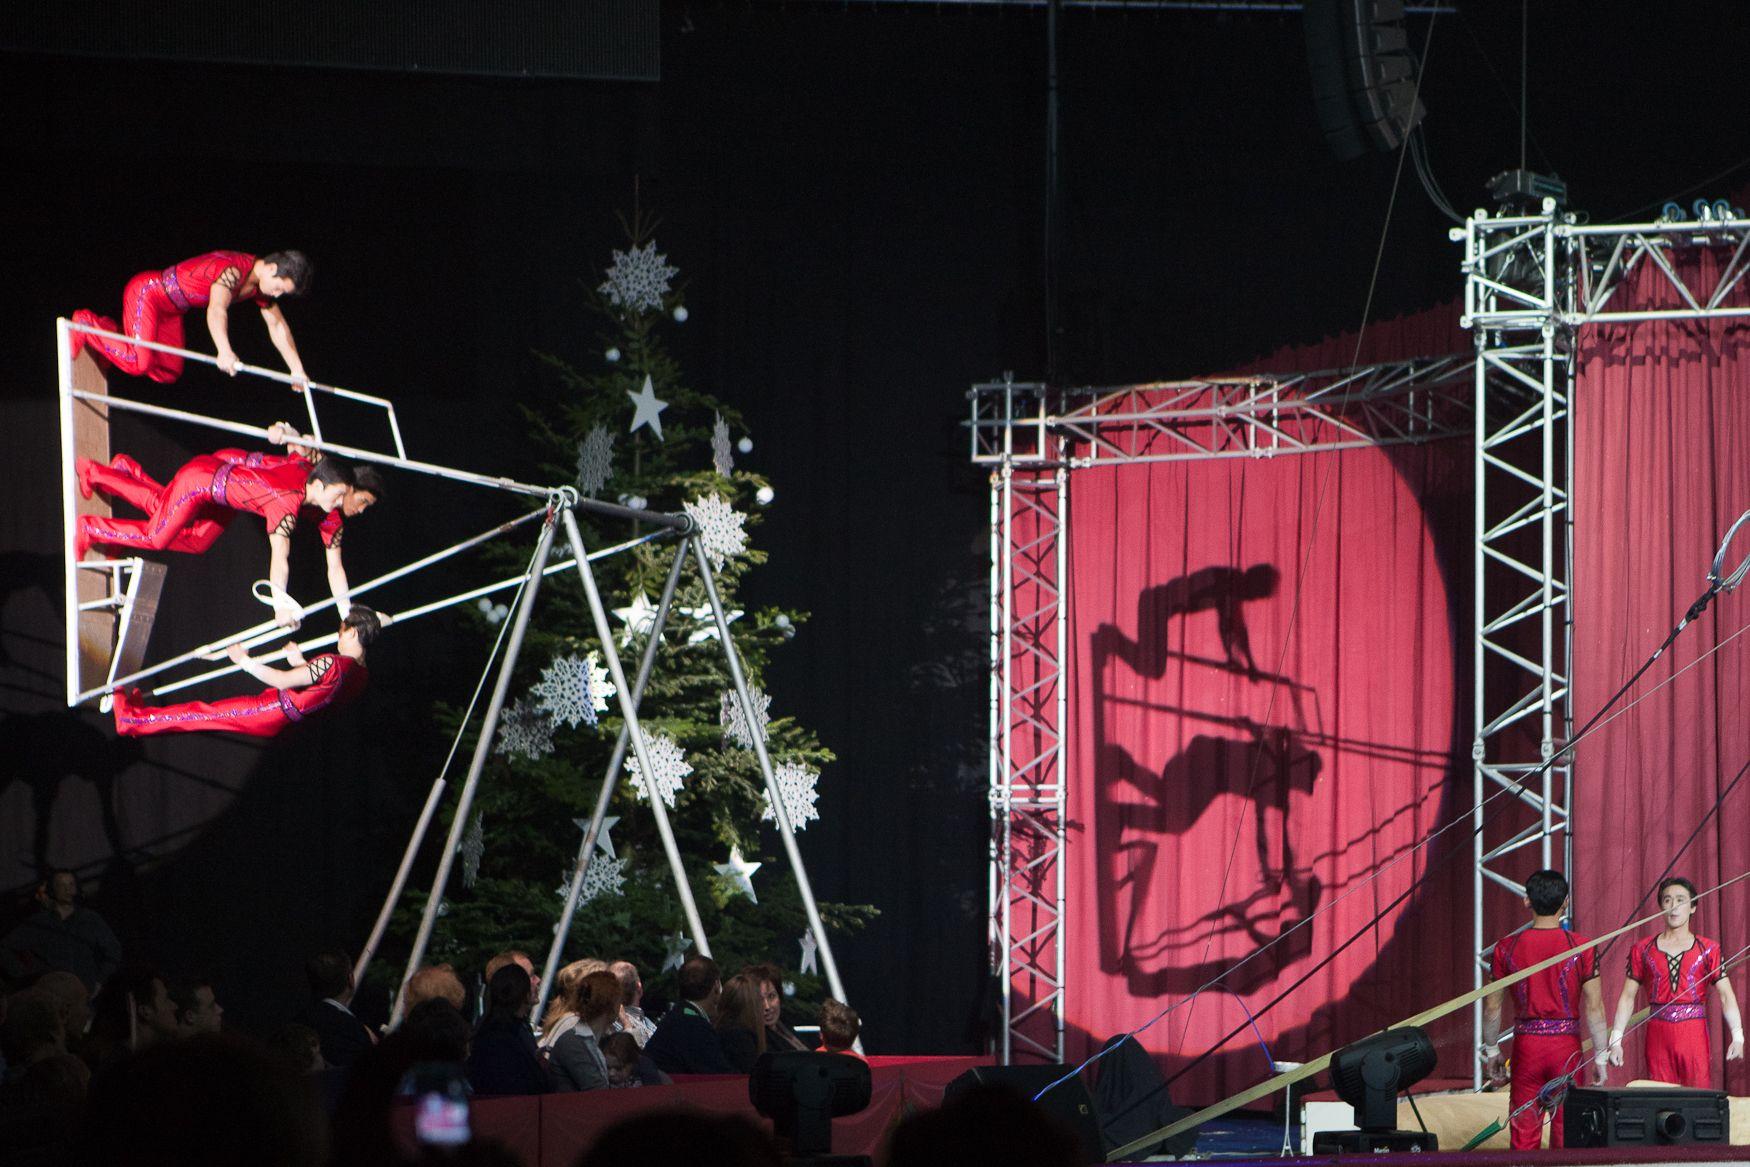 Acrobats at Kerstcircus Ahoy